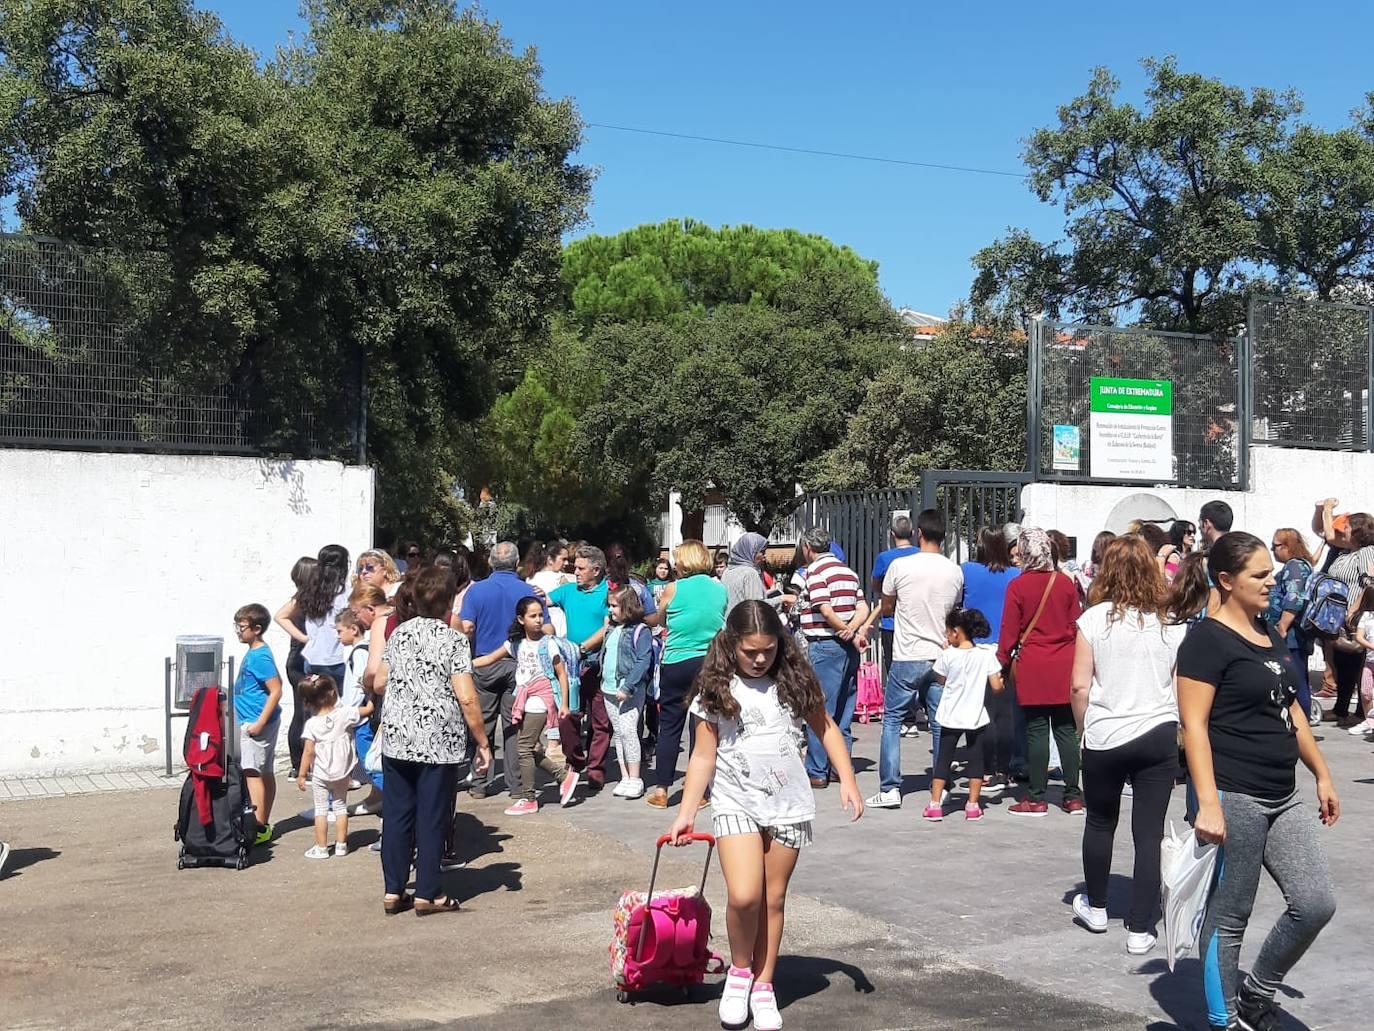 Vuelve la normalidad al CEIP Calderón de la Barca tras la feria